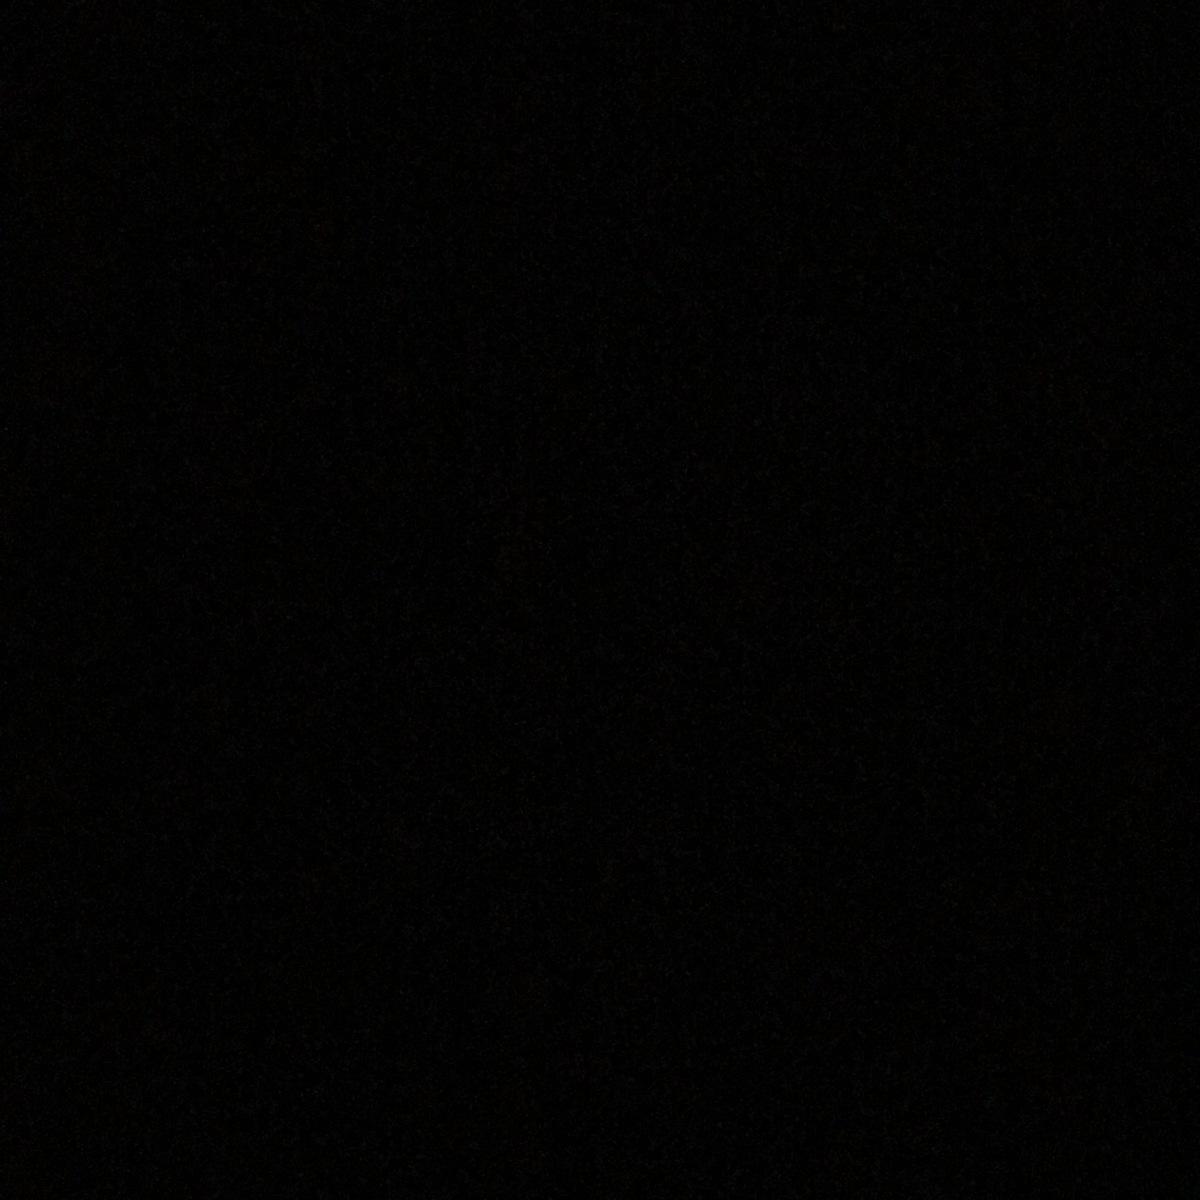 blackout image for black lives matter